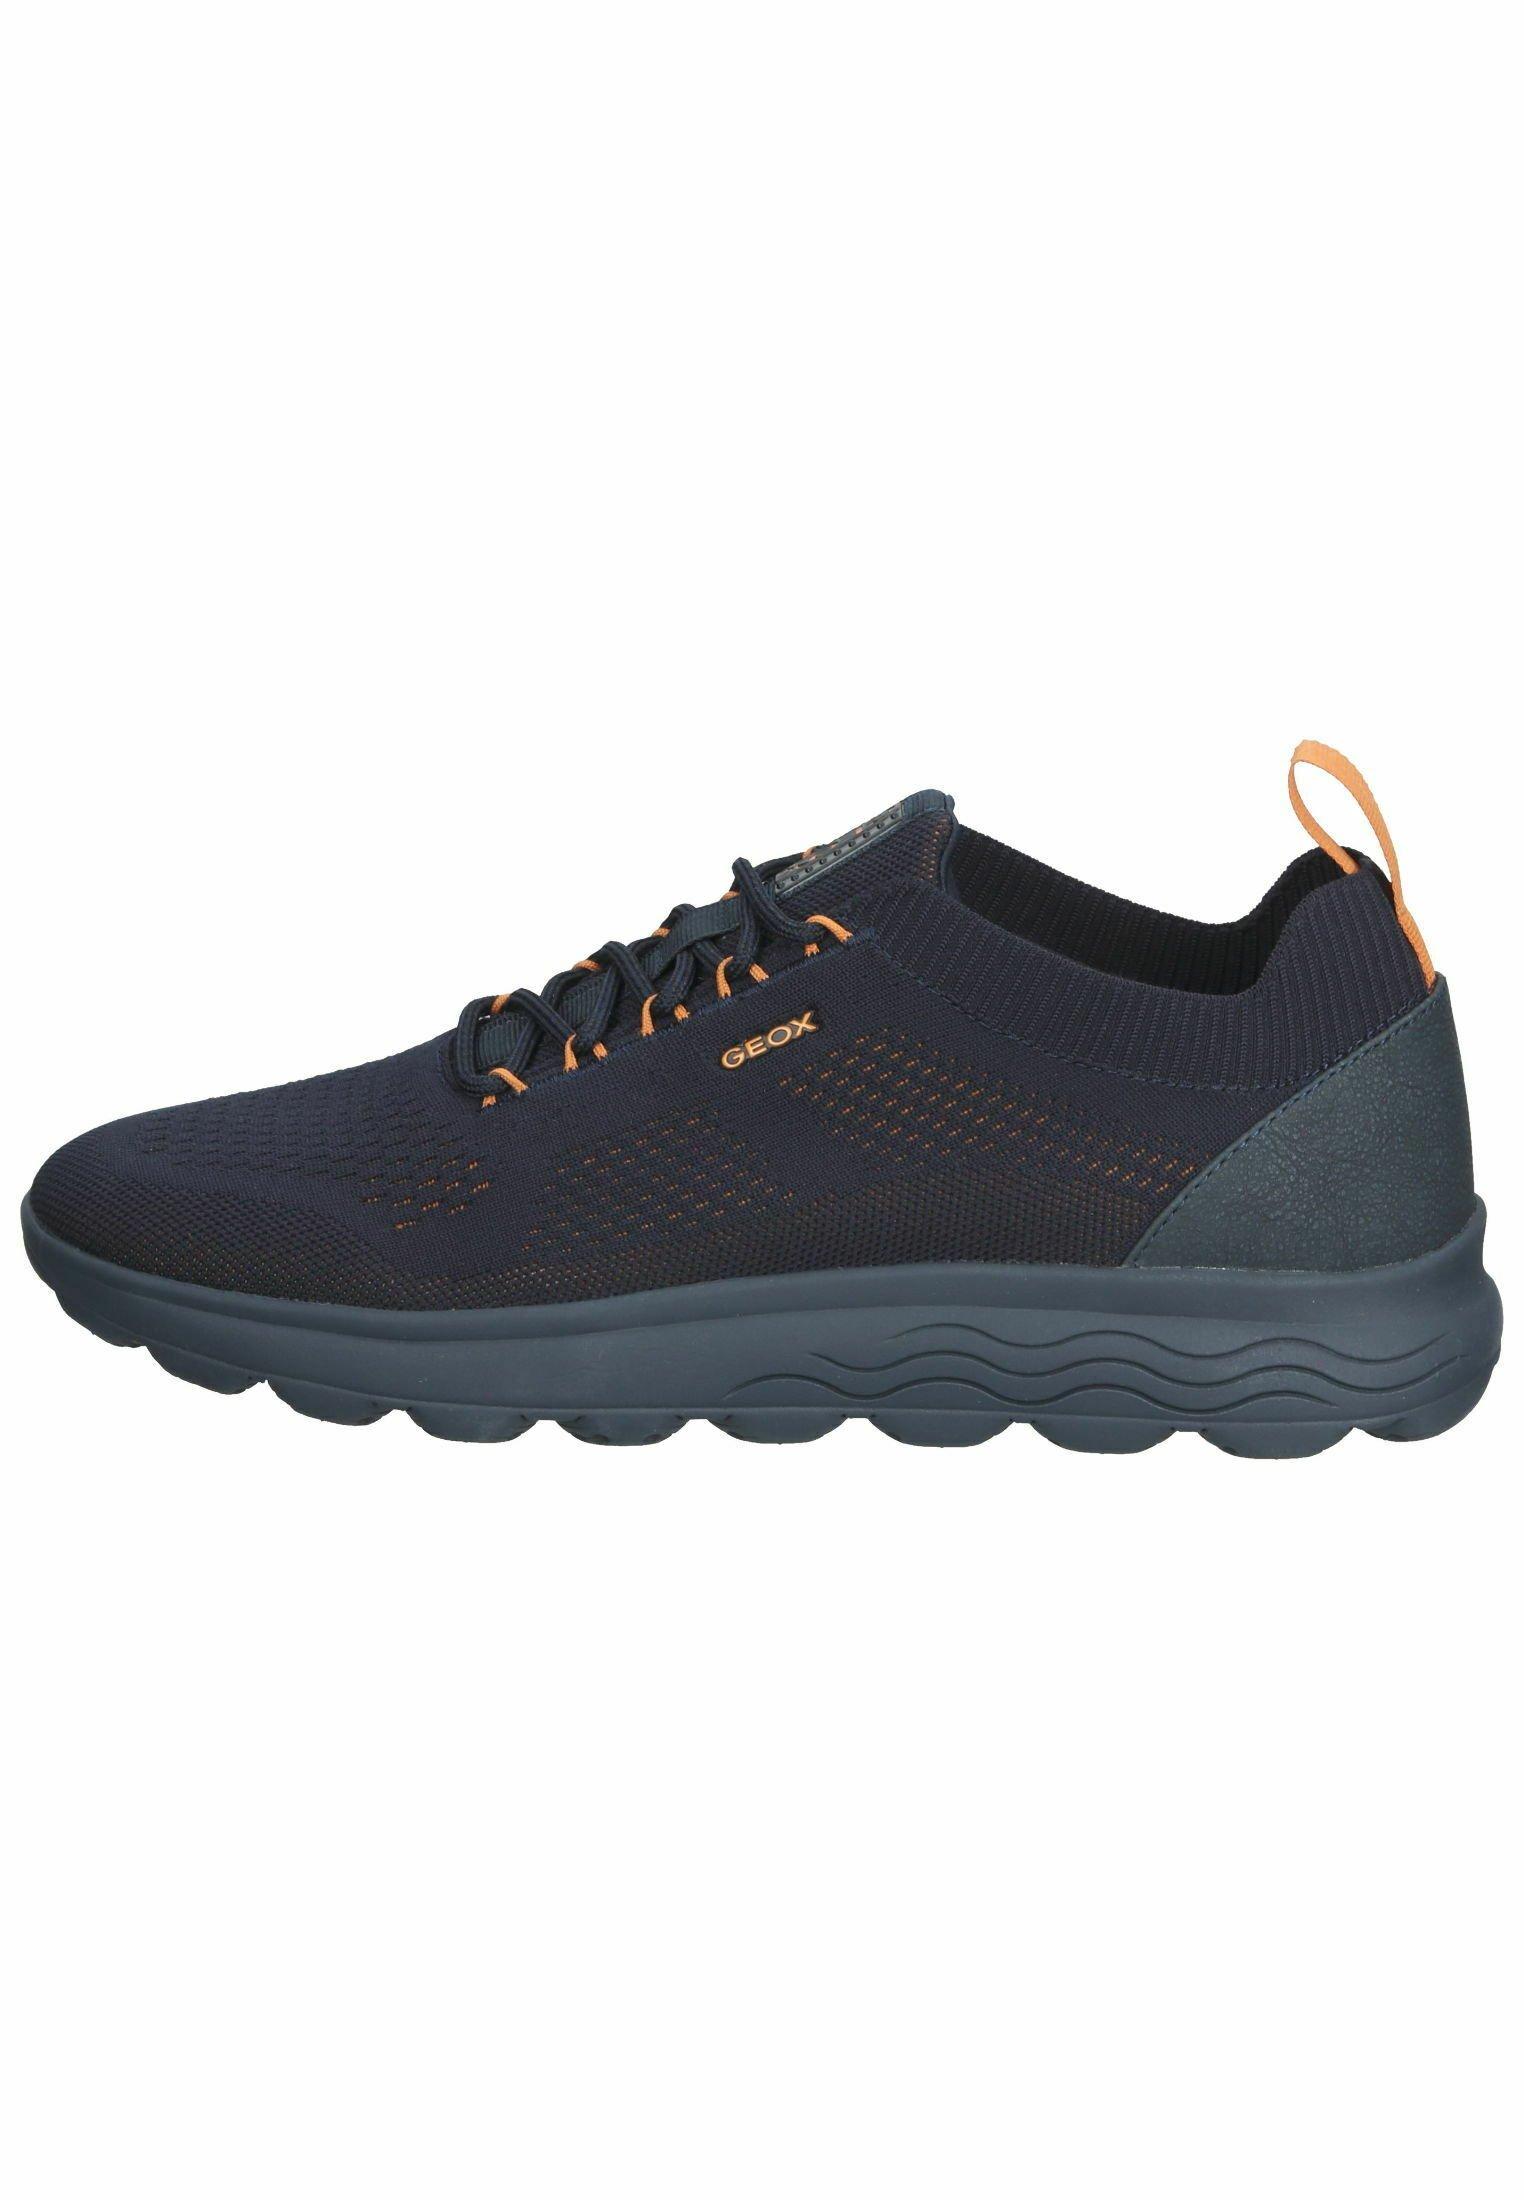 Herren Sneaker low - navy/orange